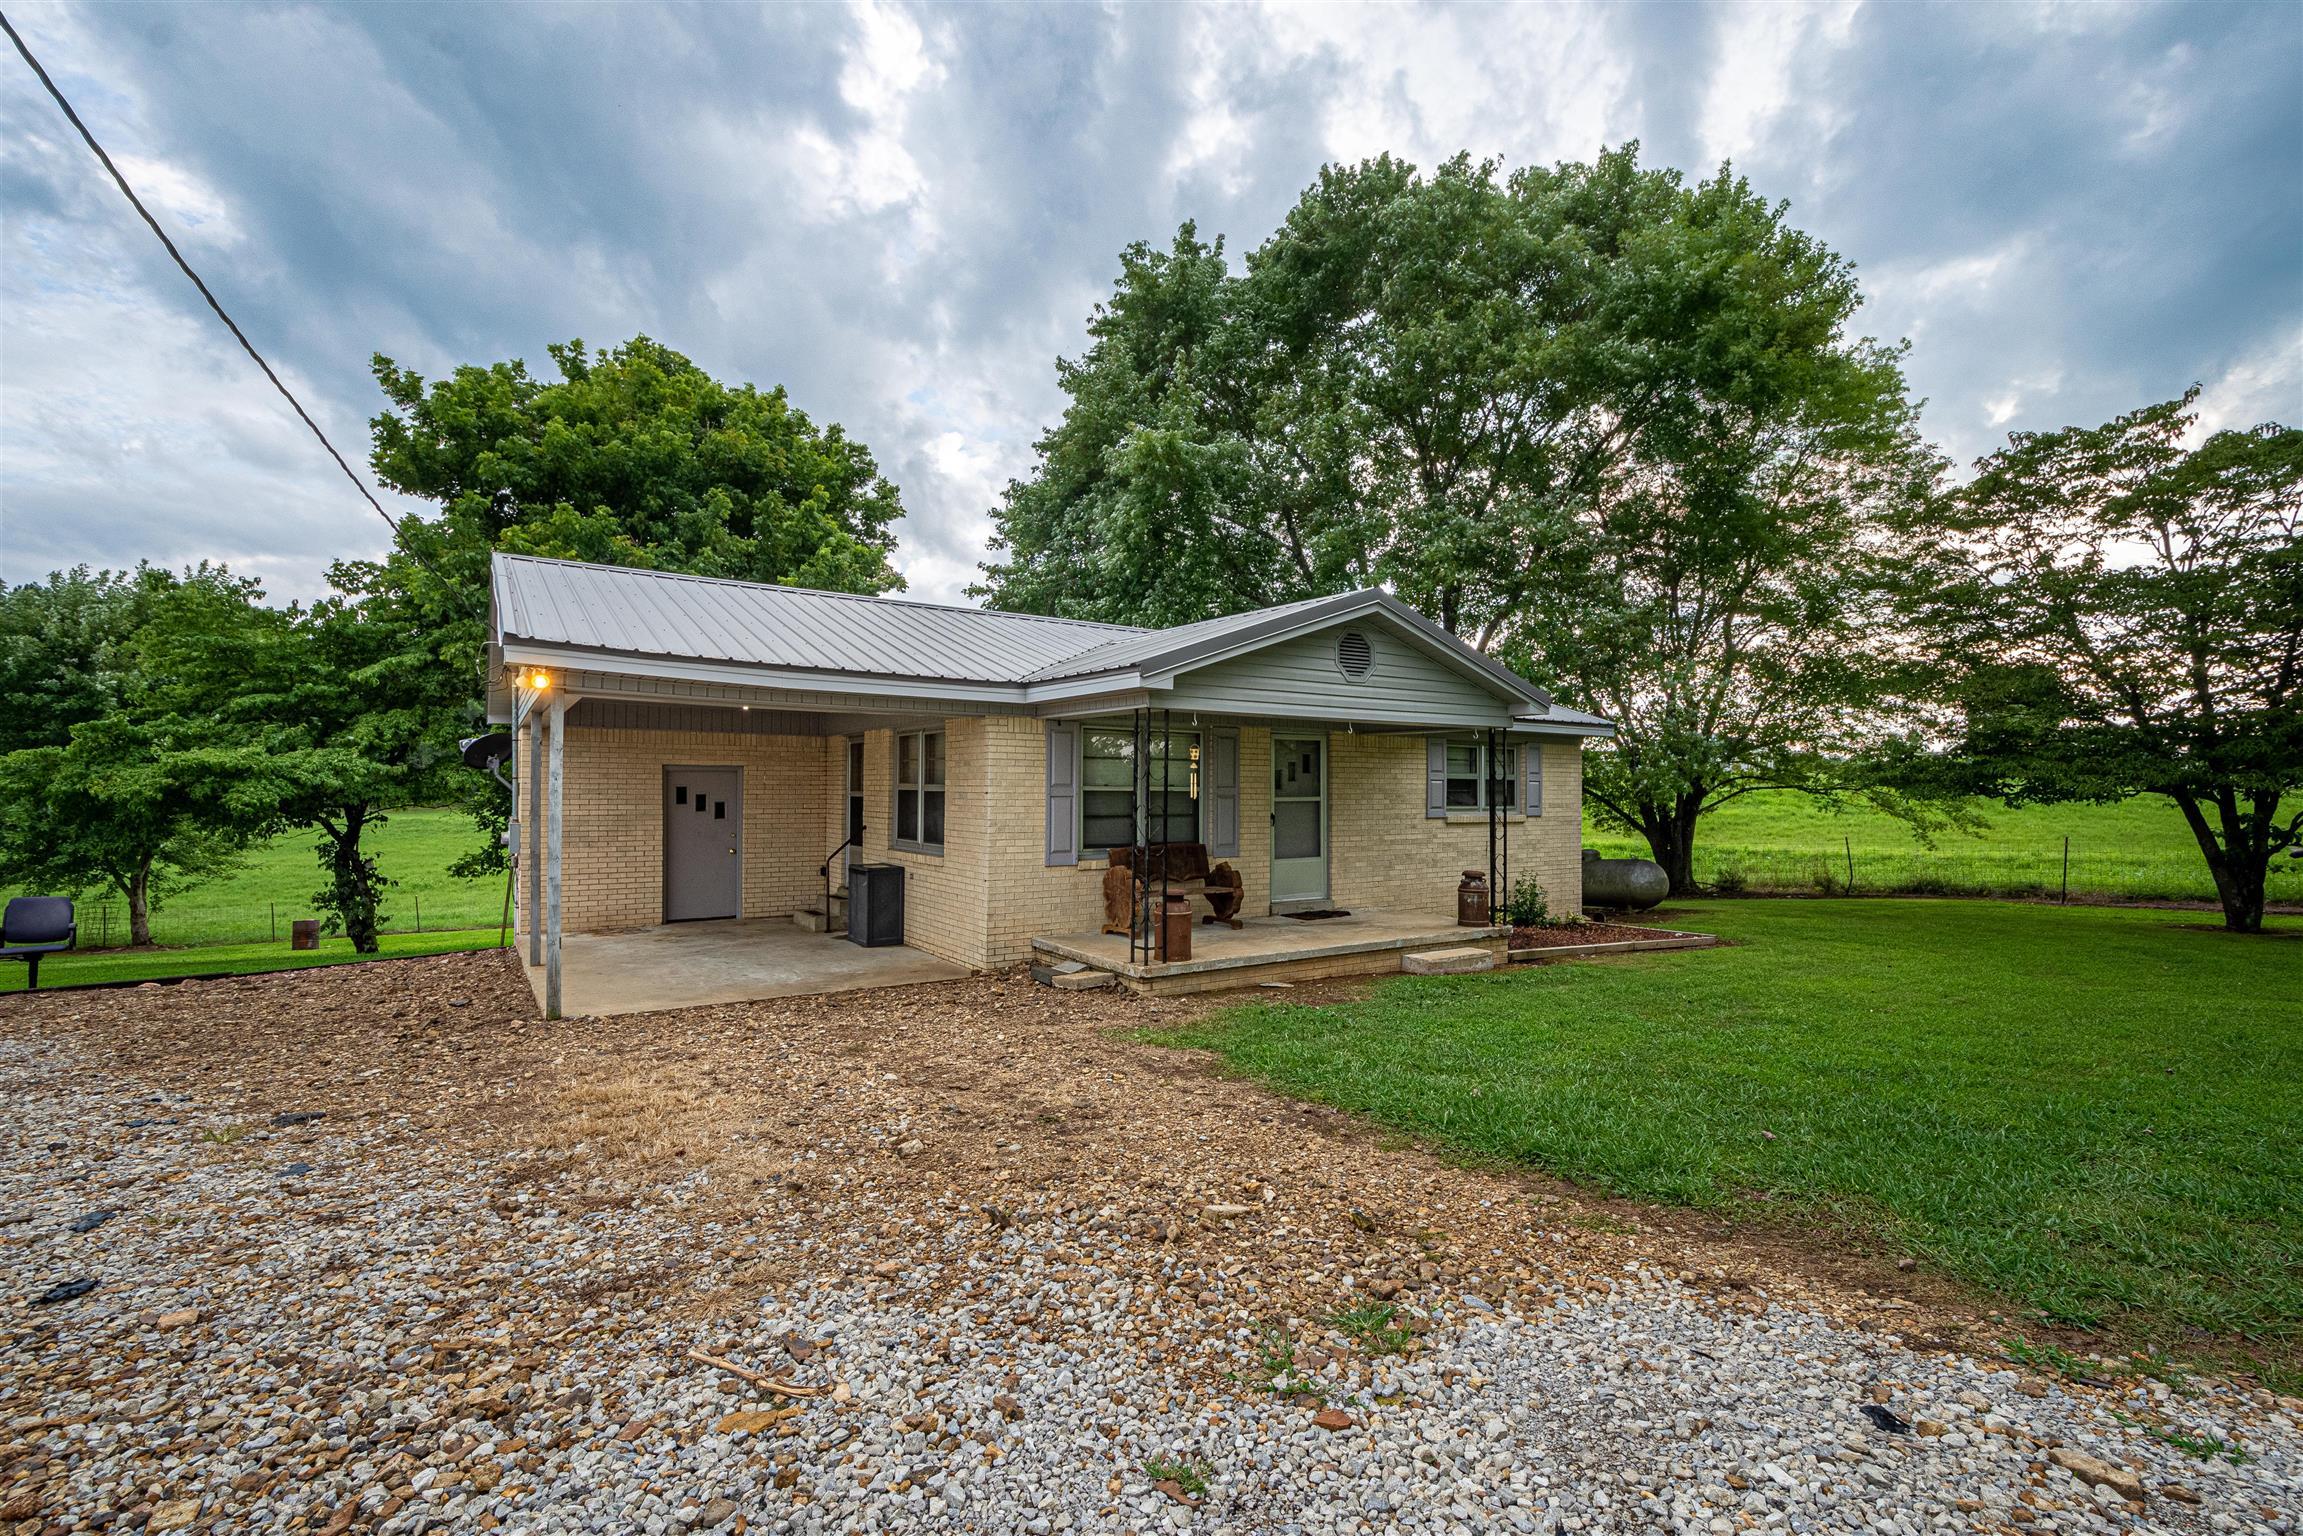 1753 Jackson Clinic Rd, Minor Hill, TN 38473 - Minor Hill, TN real estate listing